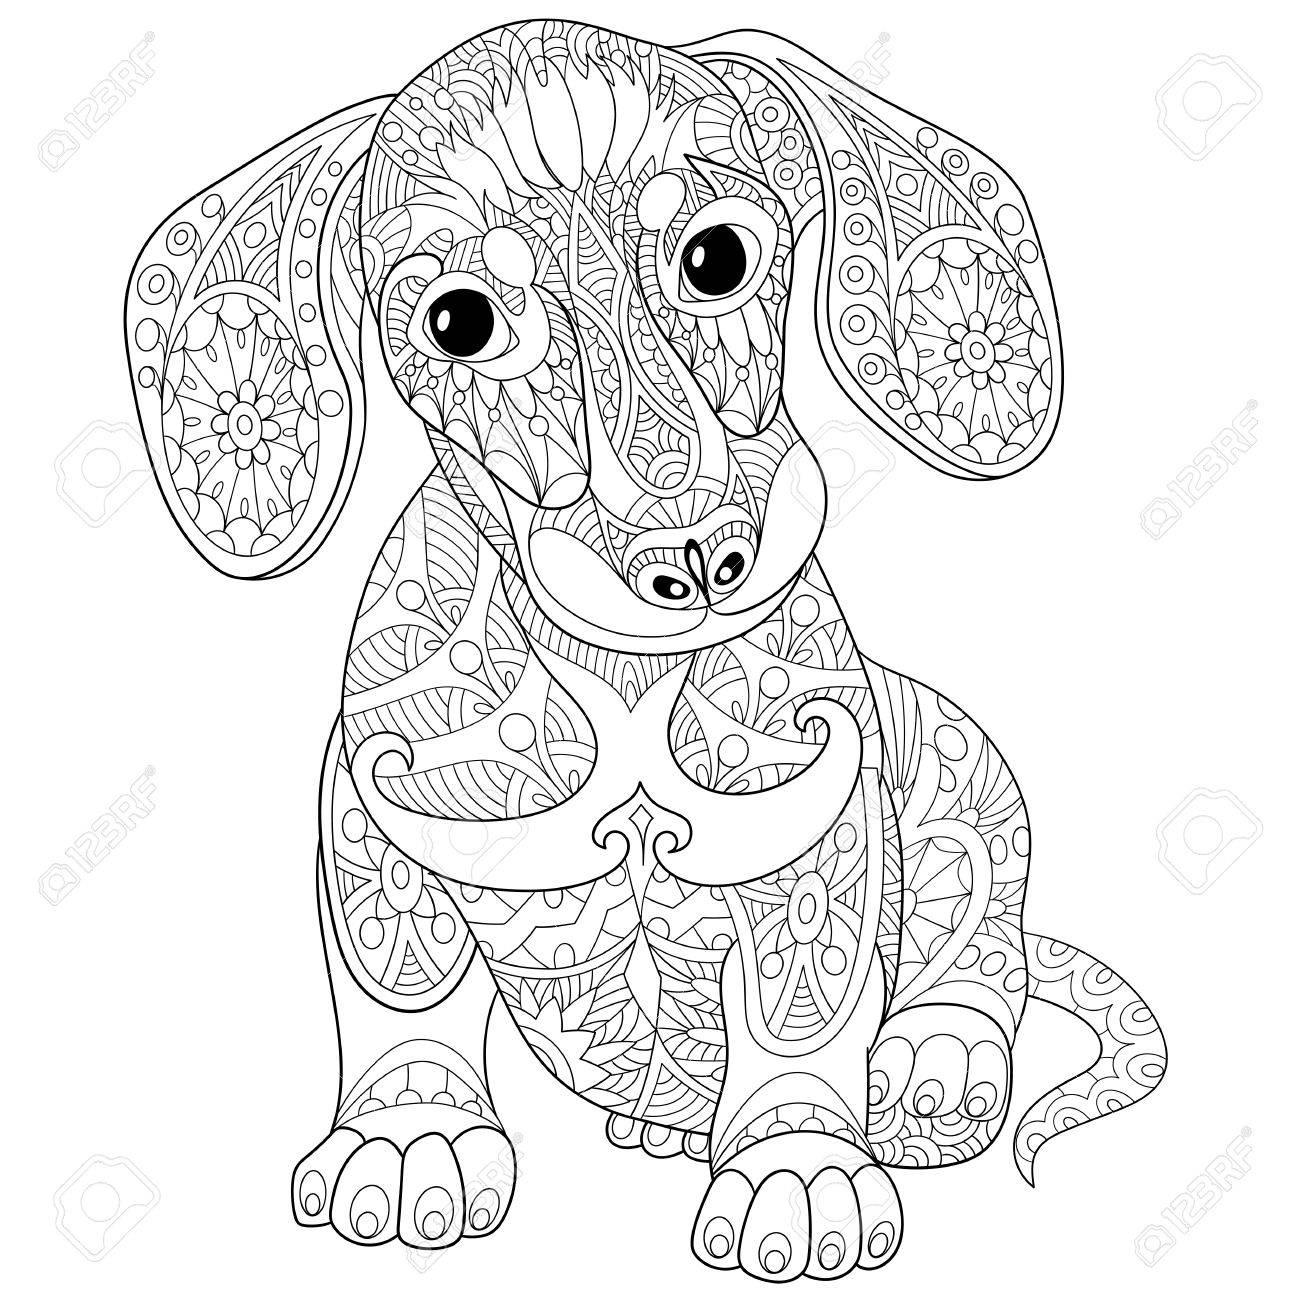 Kleurplaten Volwassenen Hond.Kleurboek Blad Van Hond Hond Geisoleerd Op Een Witte Achtergrond